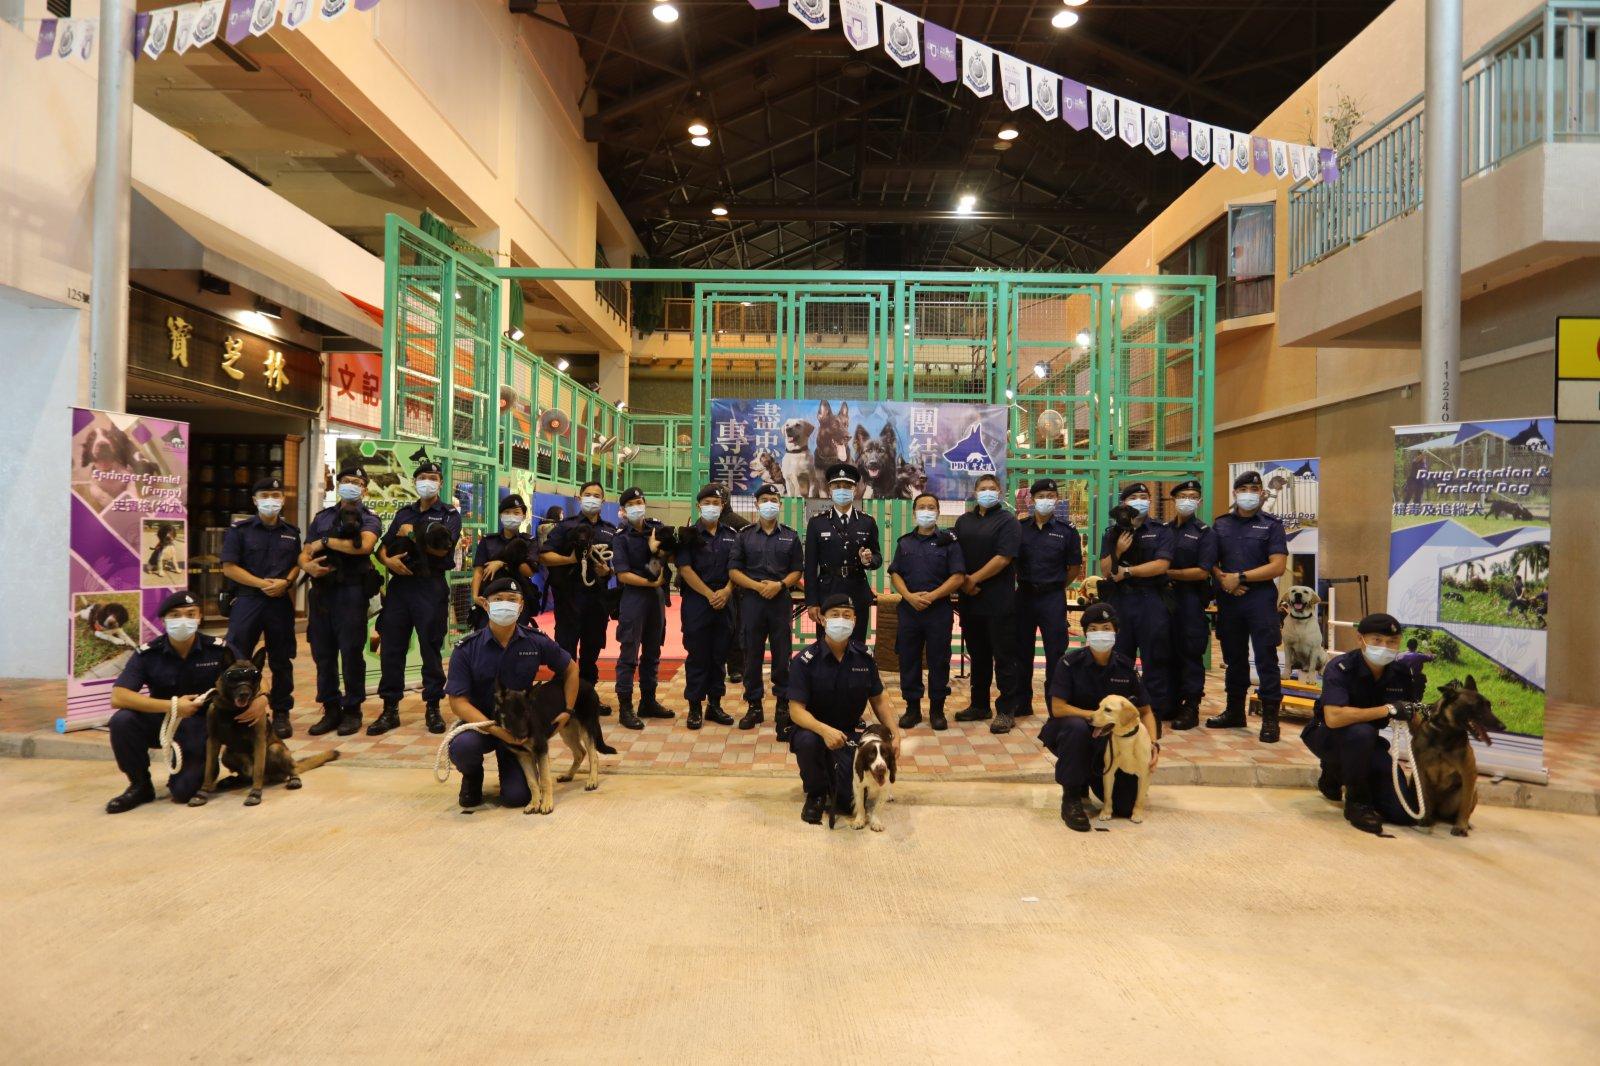 今日(15日)是「全民國家安全教育日」,香港警察學院舉行開放日活動。在進行過一系列精彩表演後,市民前往學院內的展覽區,觀看爆炸品處理課裝備、水警小艇隊裝備、裝甲車等,體驗虛擬實境。此外,警犬還帶來精彩的表演,各種神奇的裝備和精彩的表演,令市民直呼「大開眼界」。(大公文匯全媒體記者李斯哲攝)